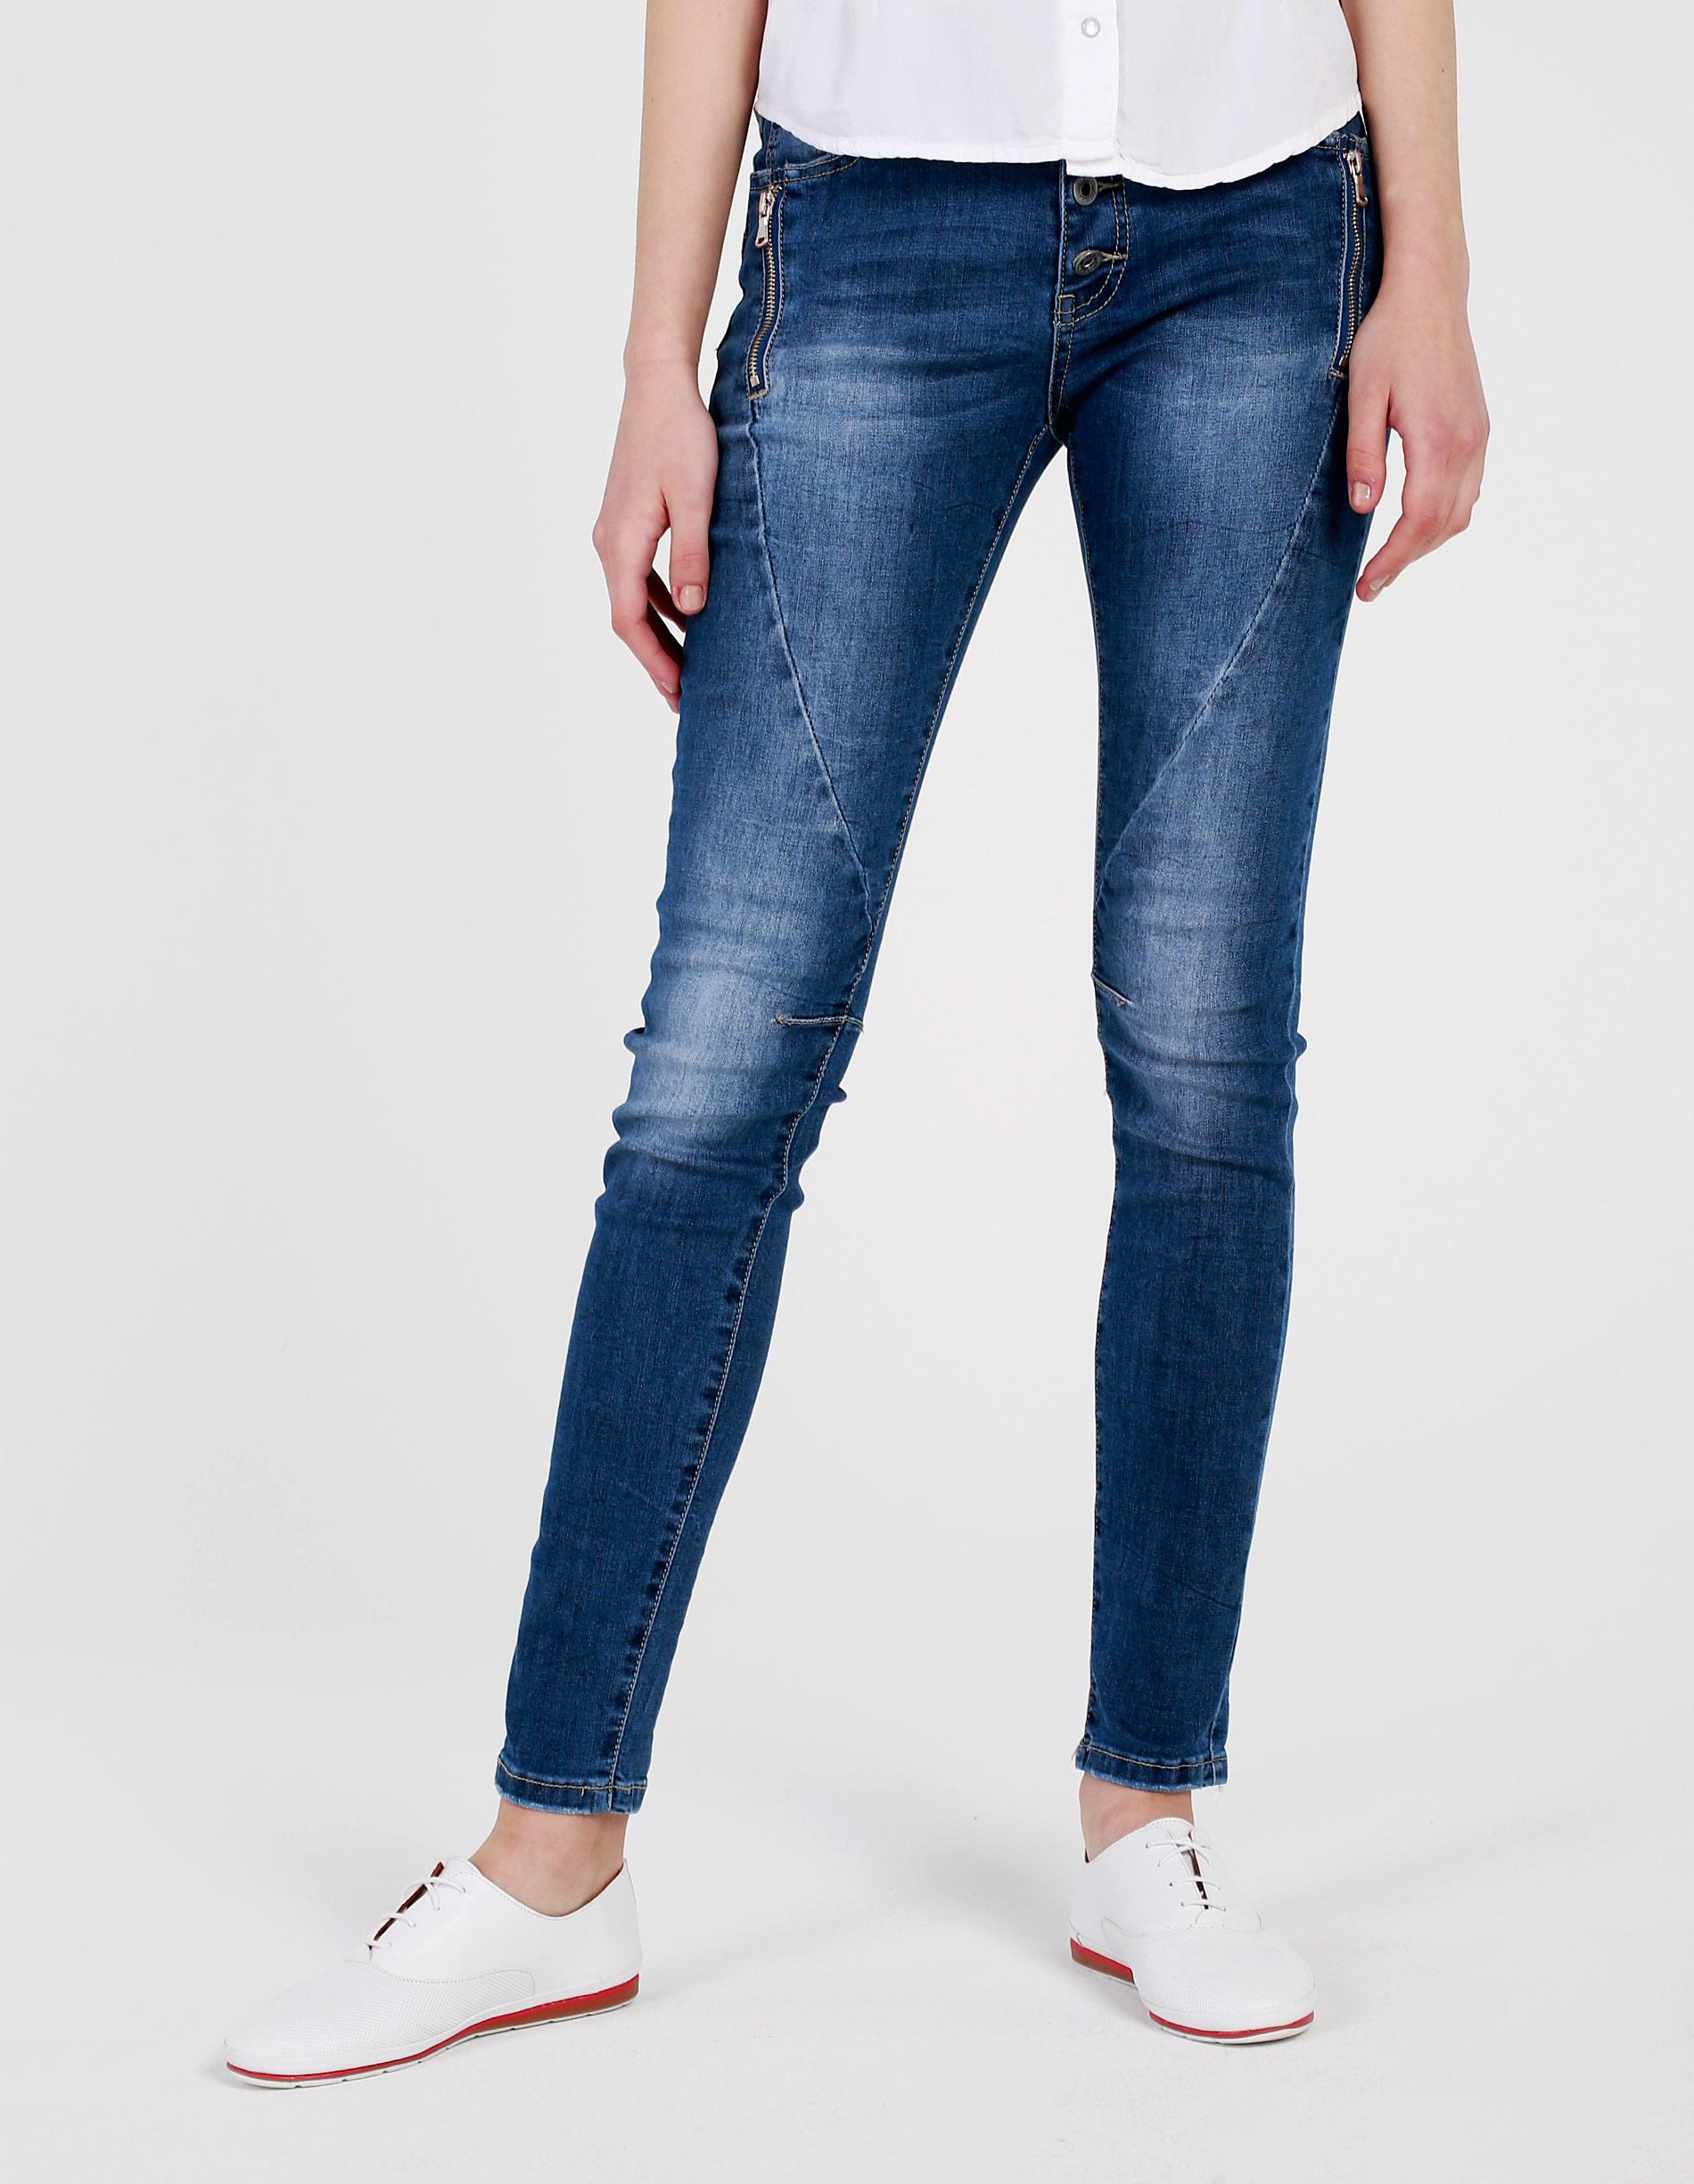 Spodnie - 42-6752 JEANS - Unisono